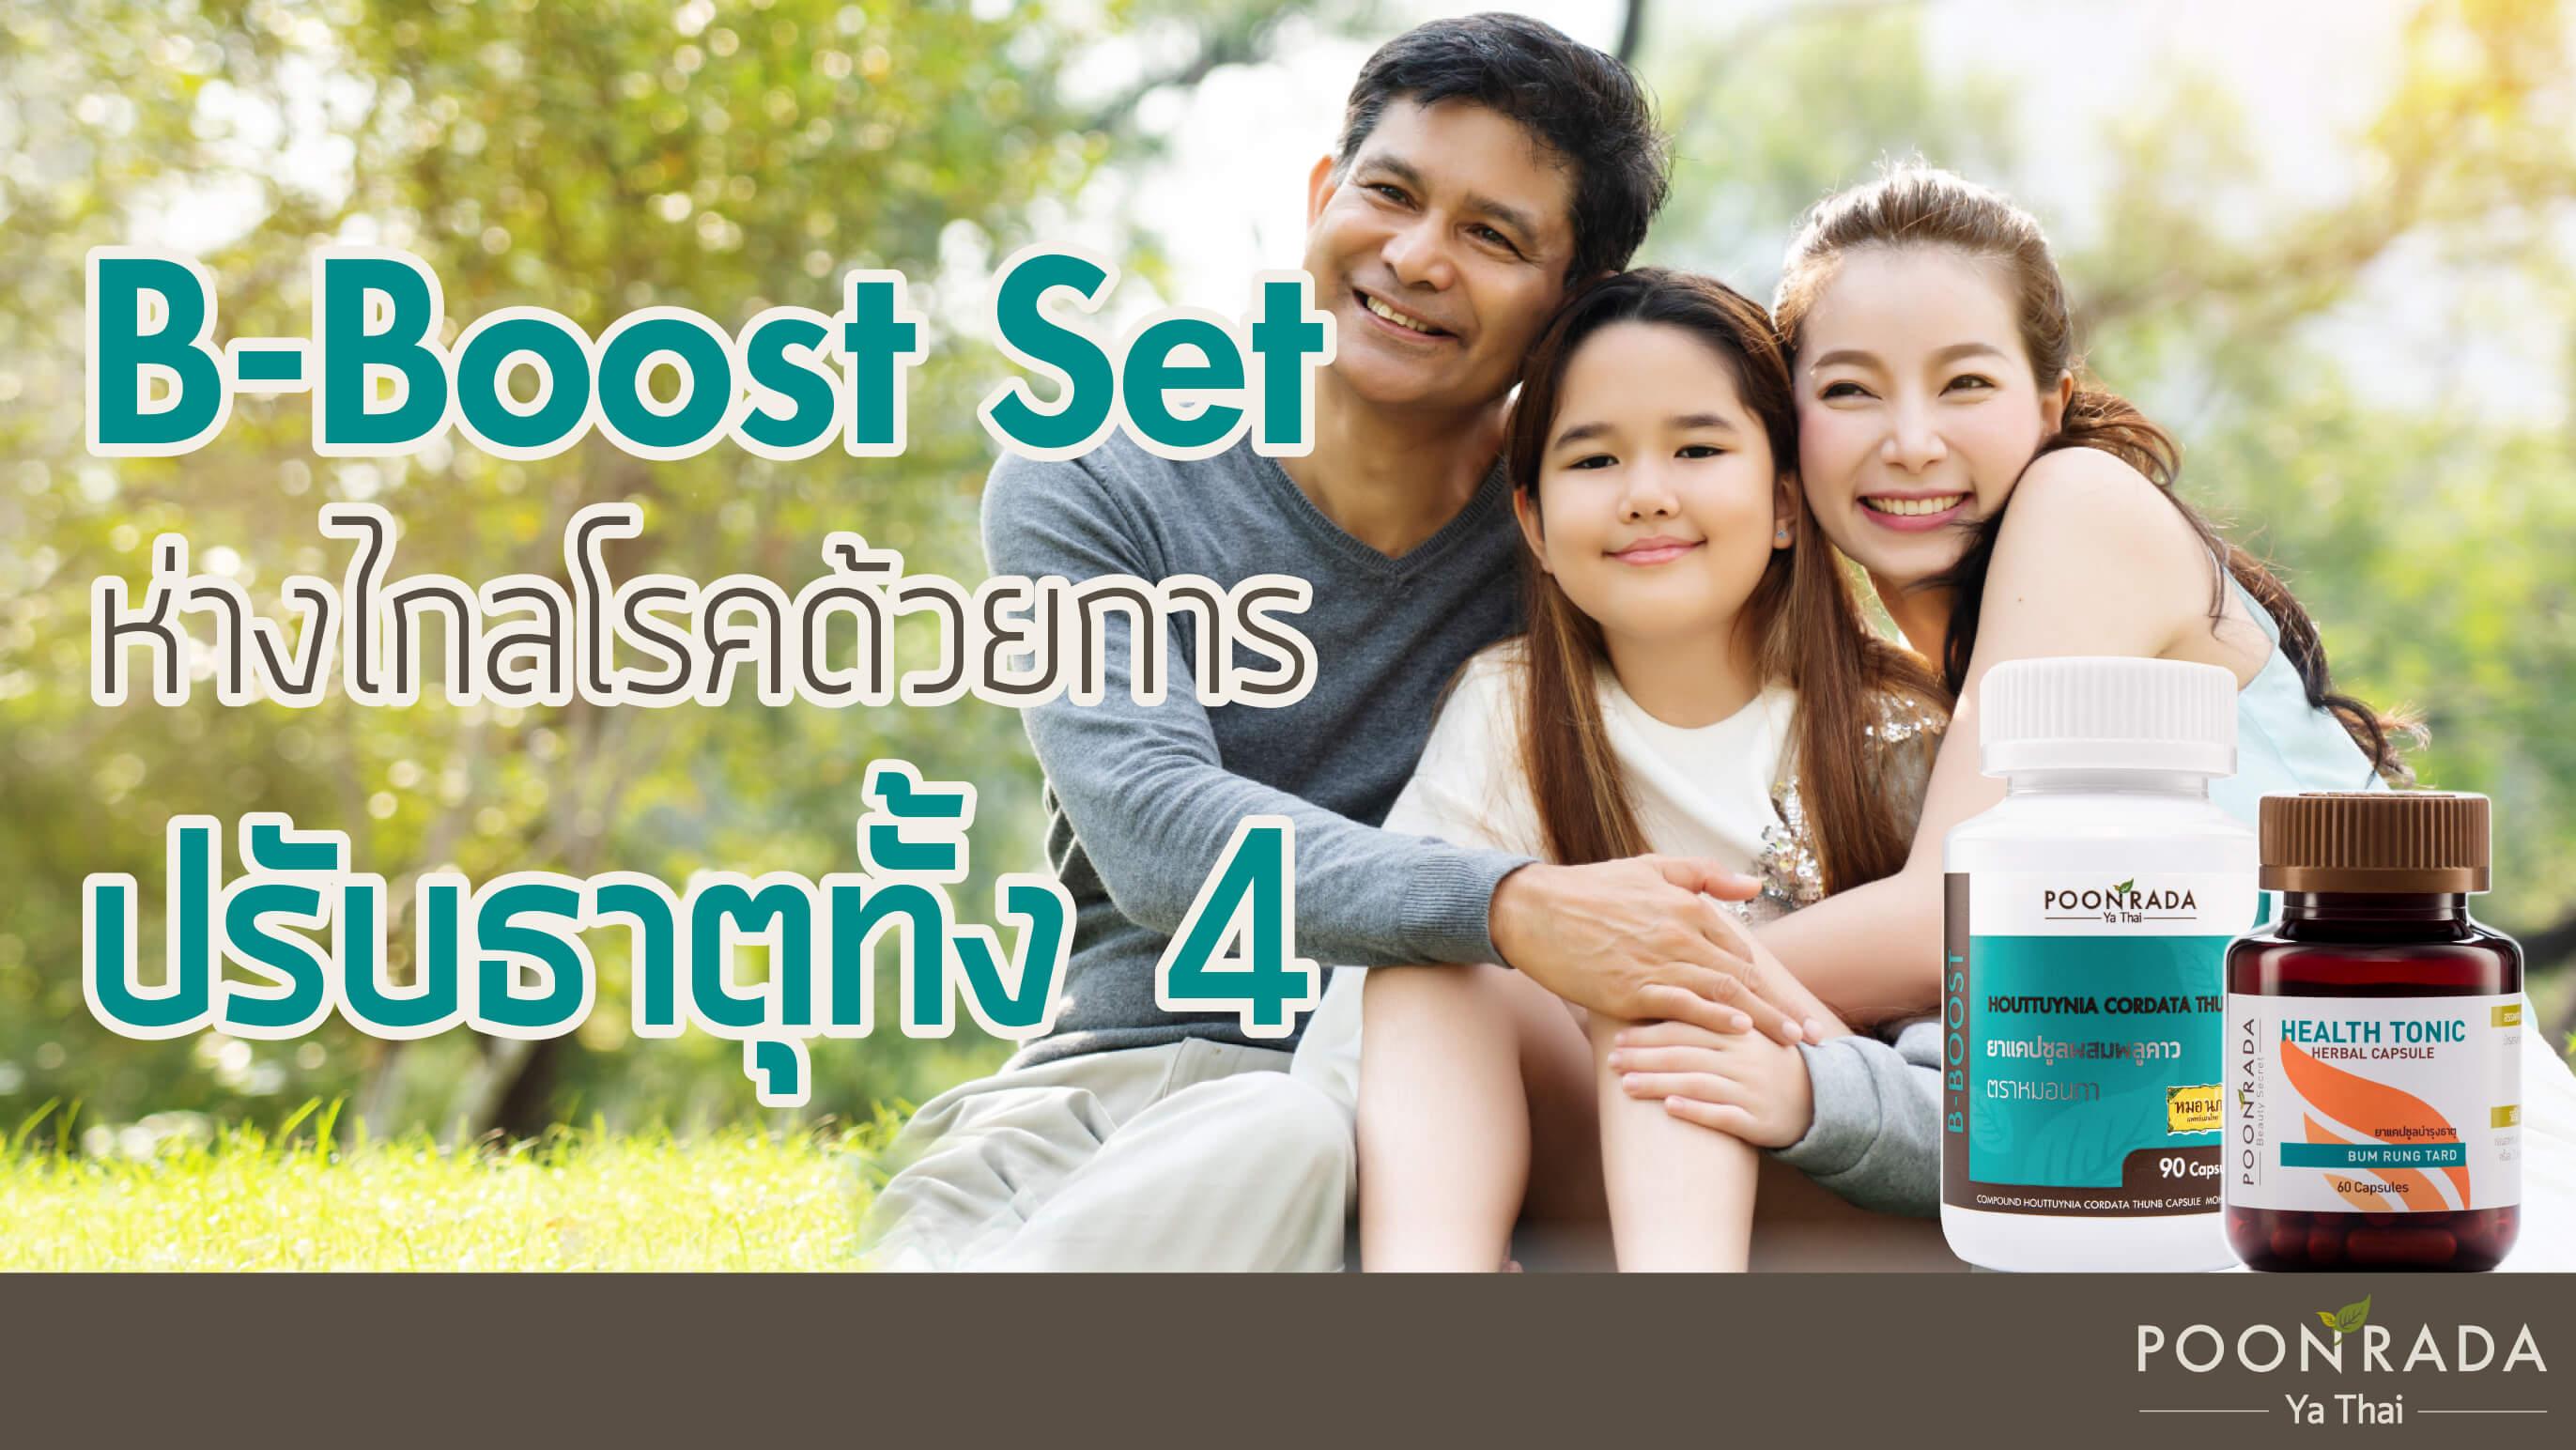 B-boost Set ห่างไกลโรคด้วยการปรับธาตุทั้ง 4